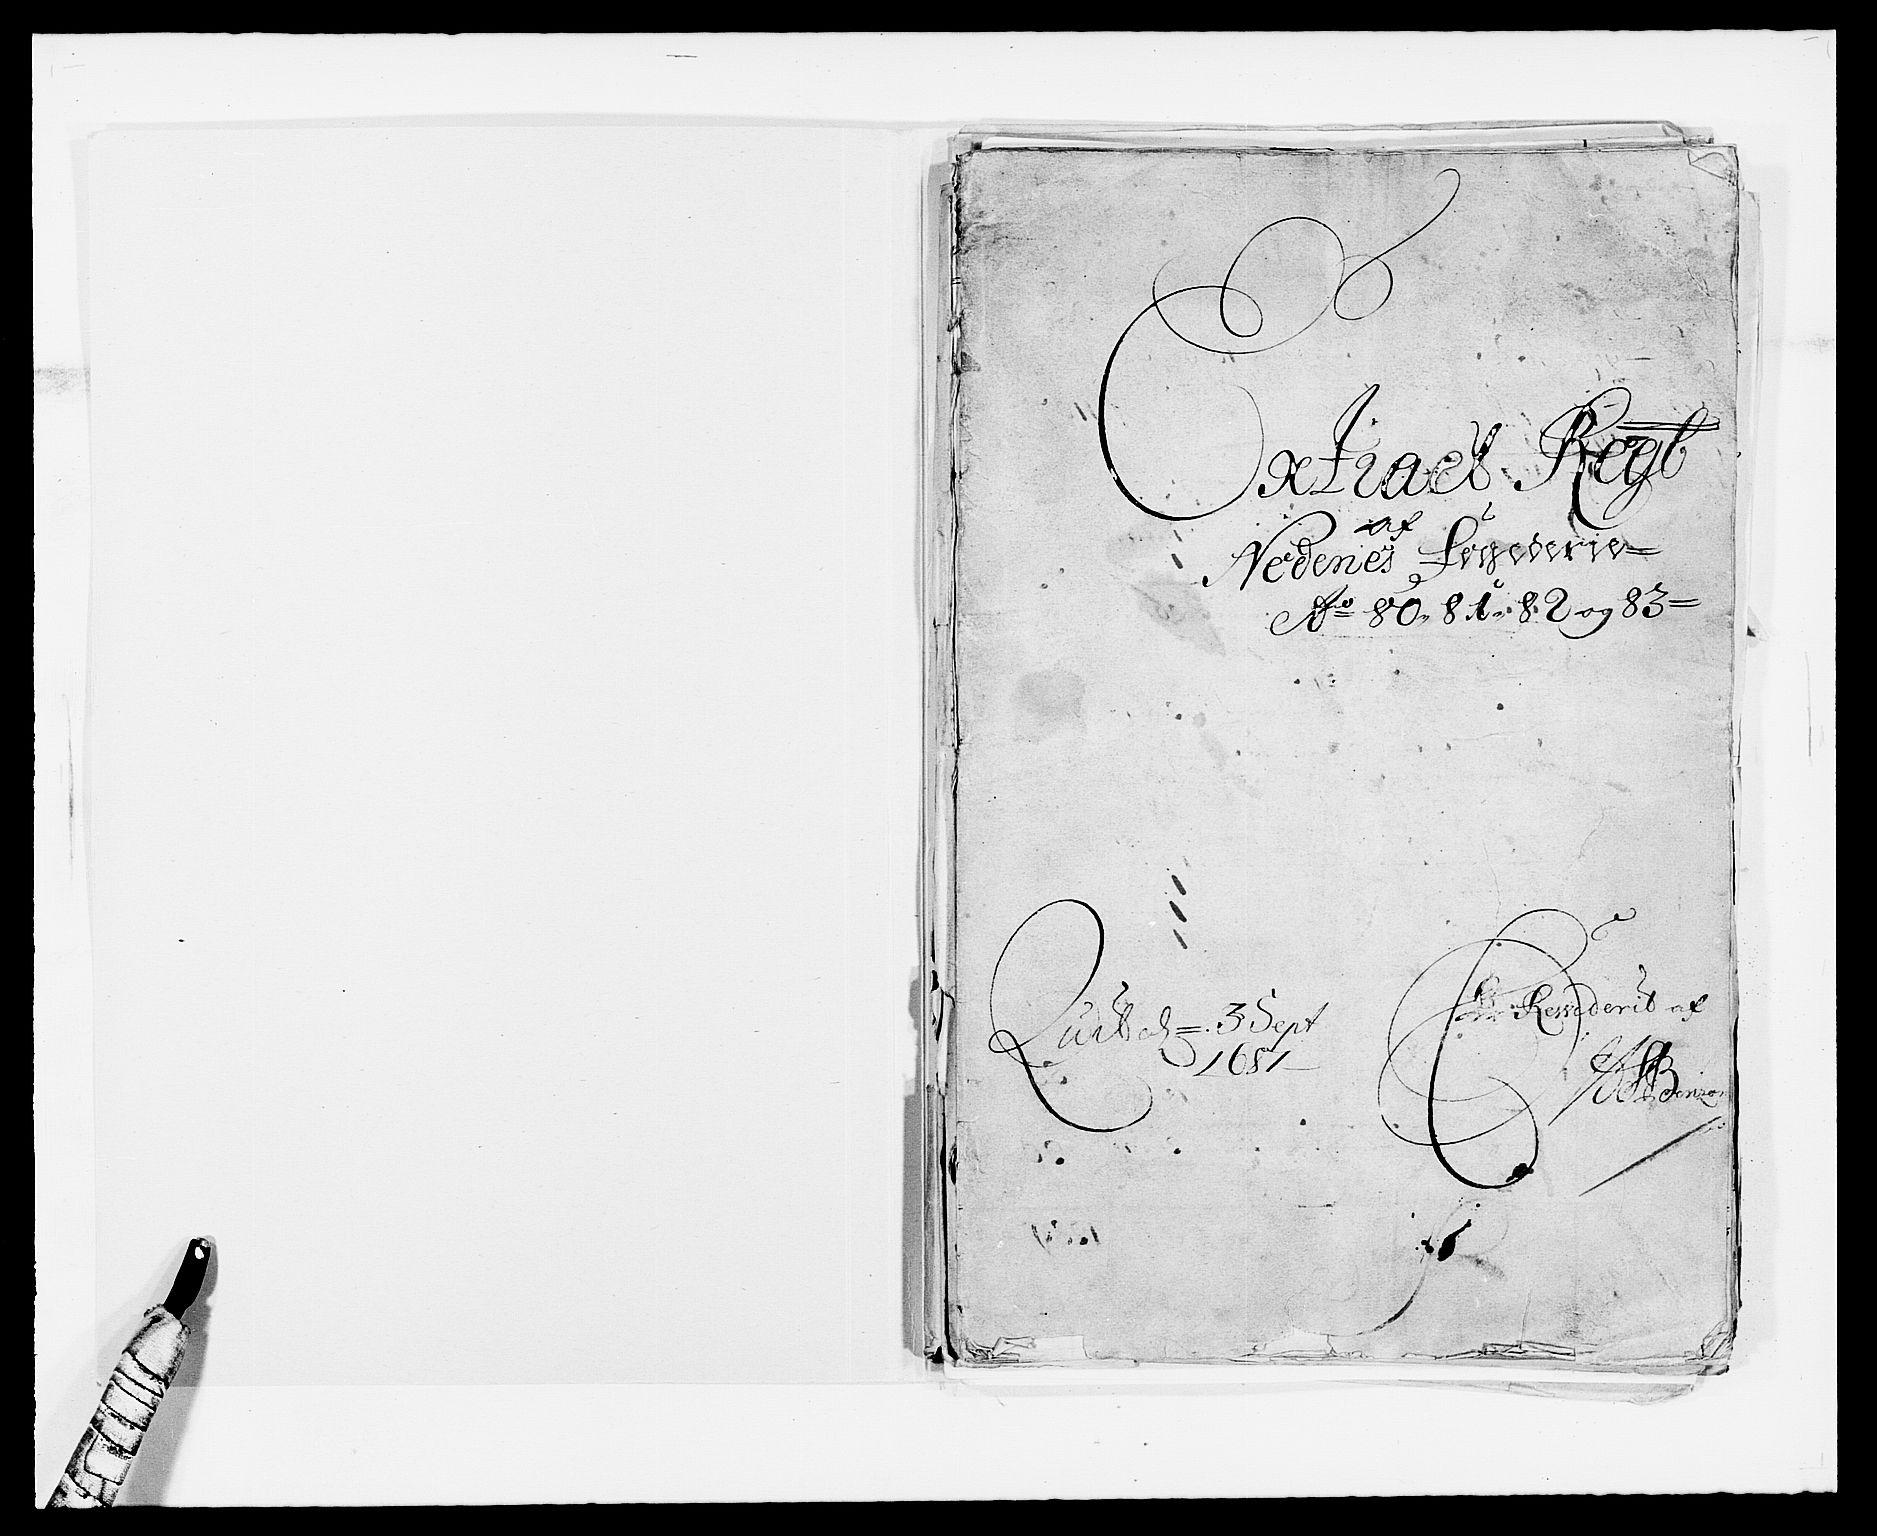 RA, Rentekammeret inntil 1814, Reviderte regnskaper, Fogderegnskap, R39/L2306: Fogderegnskap Nedenes, 1680-1683, s. 2